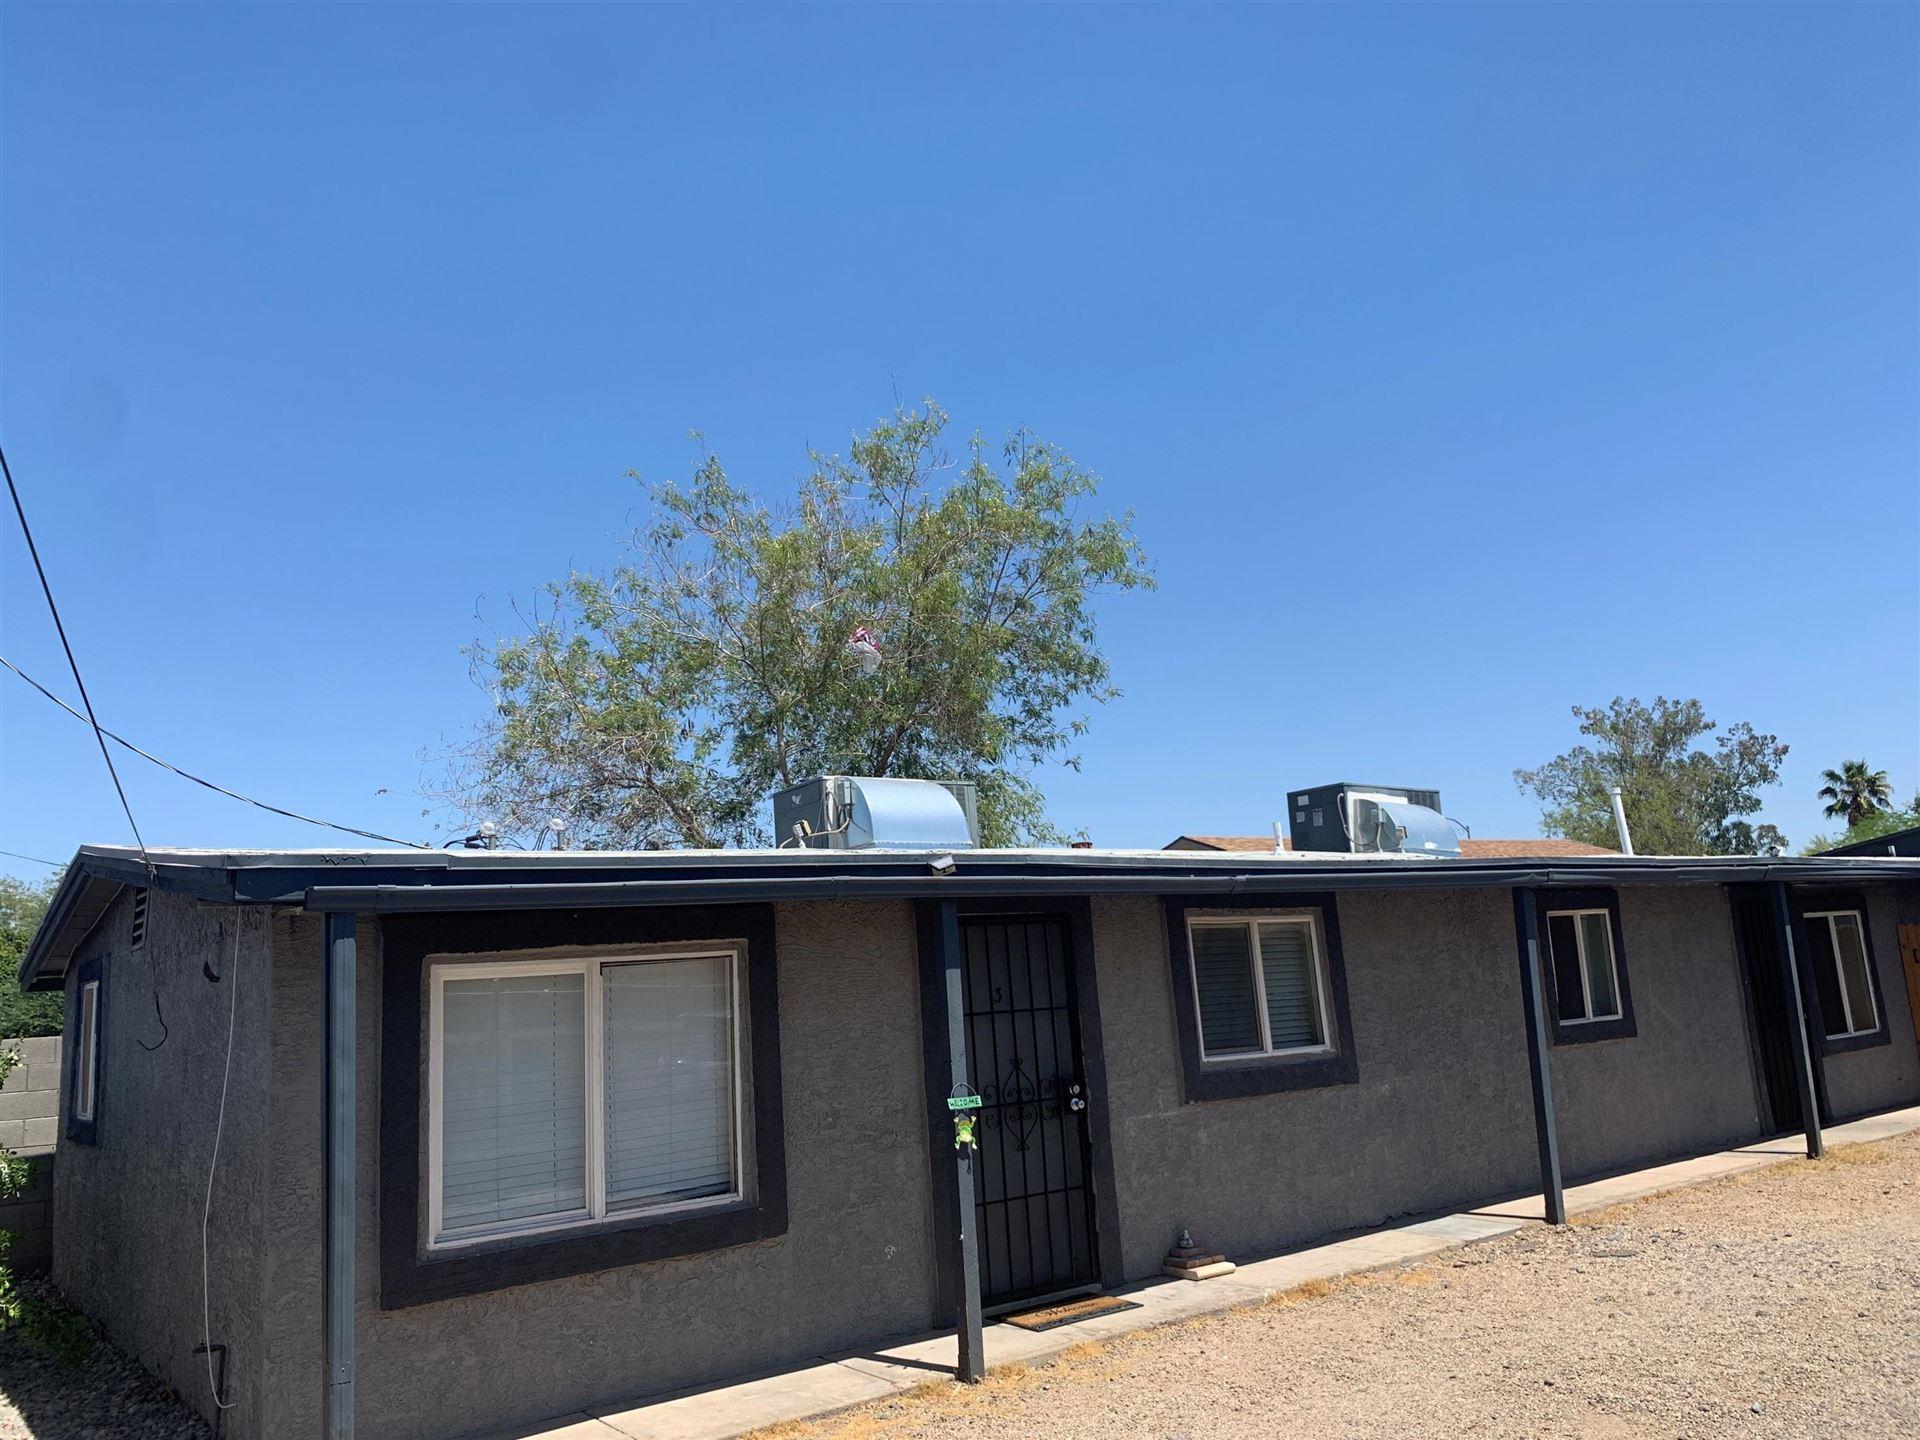 6738 N 54TH Drive, Glendale, AZ 85301 - MLS#: 6233911